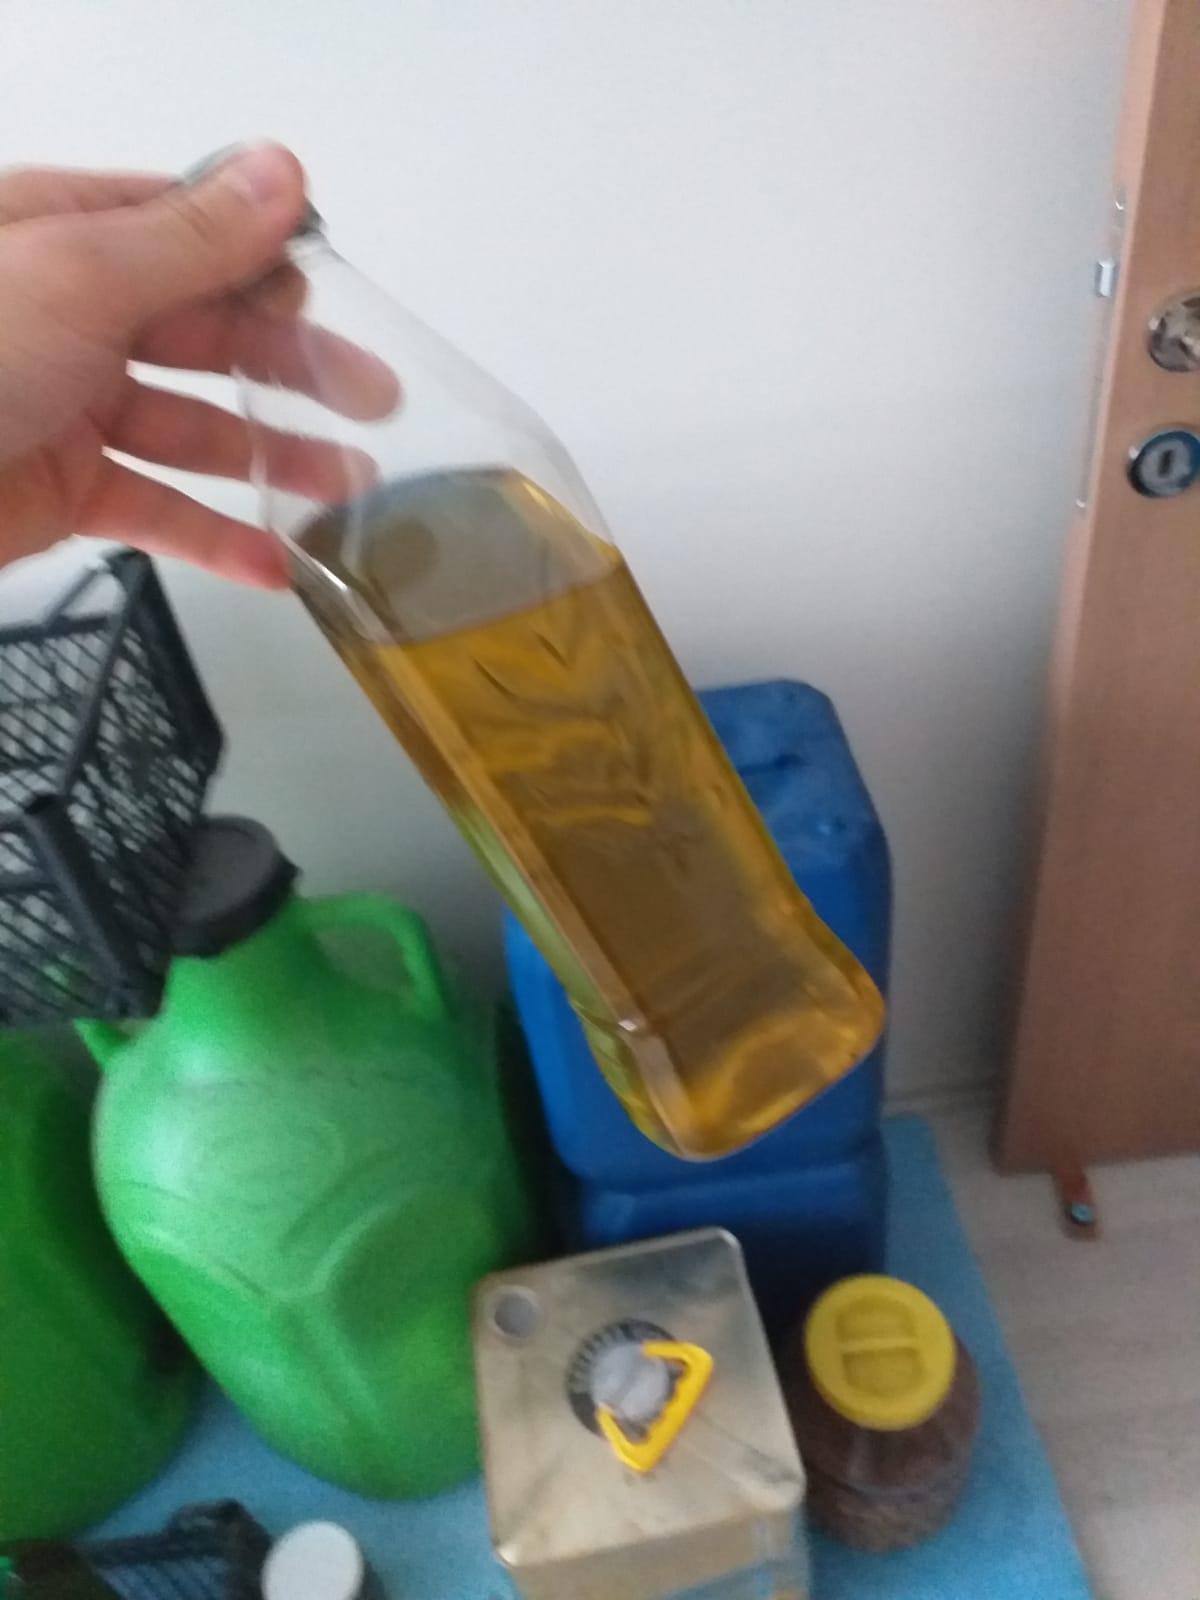 Zeytinyağı - Üretici Recep Almaz 27 tl fiyat ile 5 litre zeytinyağı  satmak istiyor